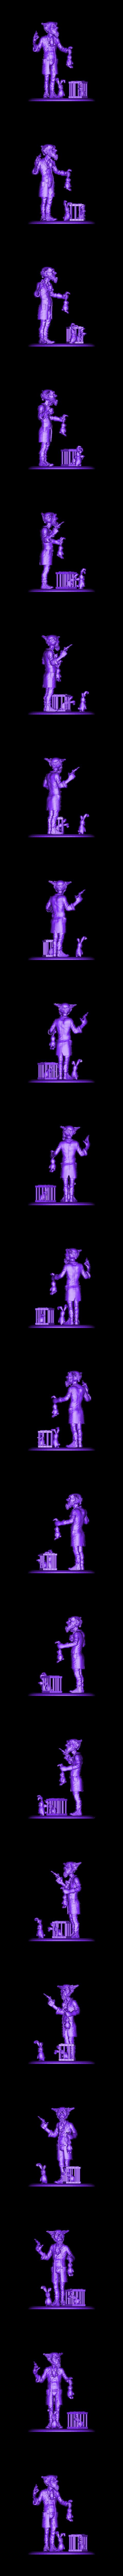 zombie_rubit (repaired).stl Télécharger fichier STL gratuit Zombie rubit • Objet pour impression 3D, al3x